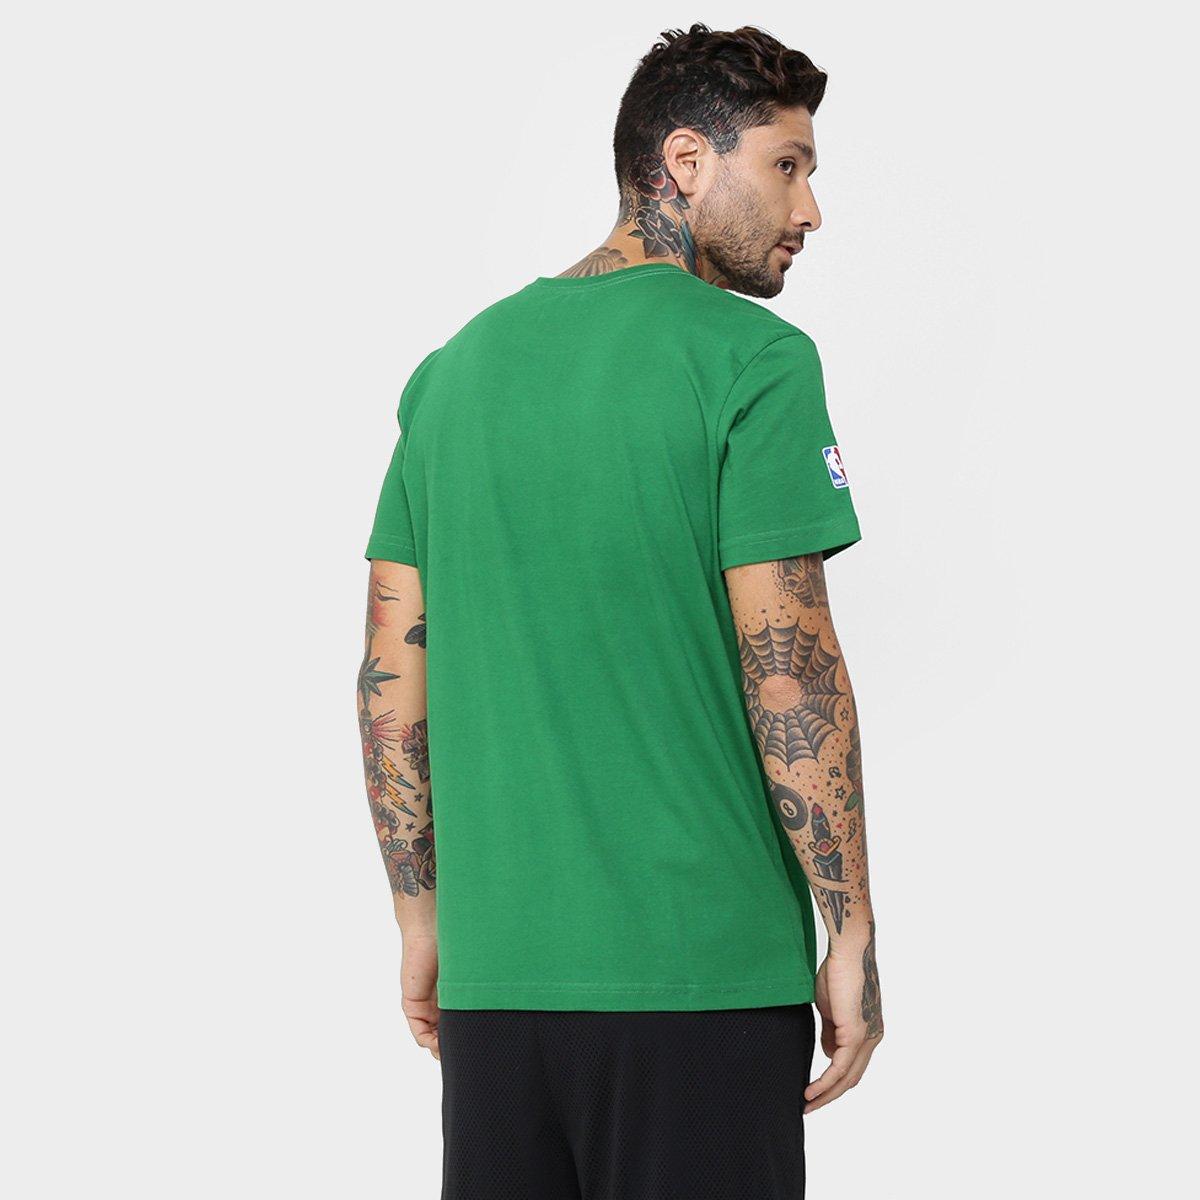 Camiseta Nba N472A - Vrd